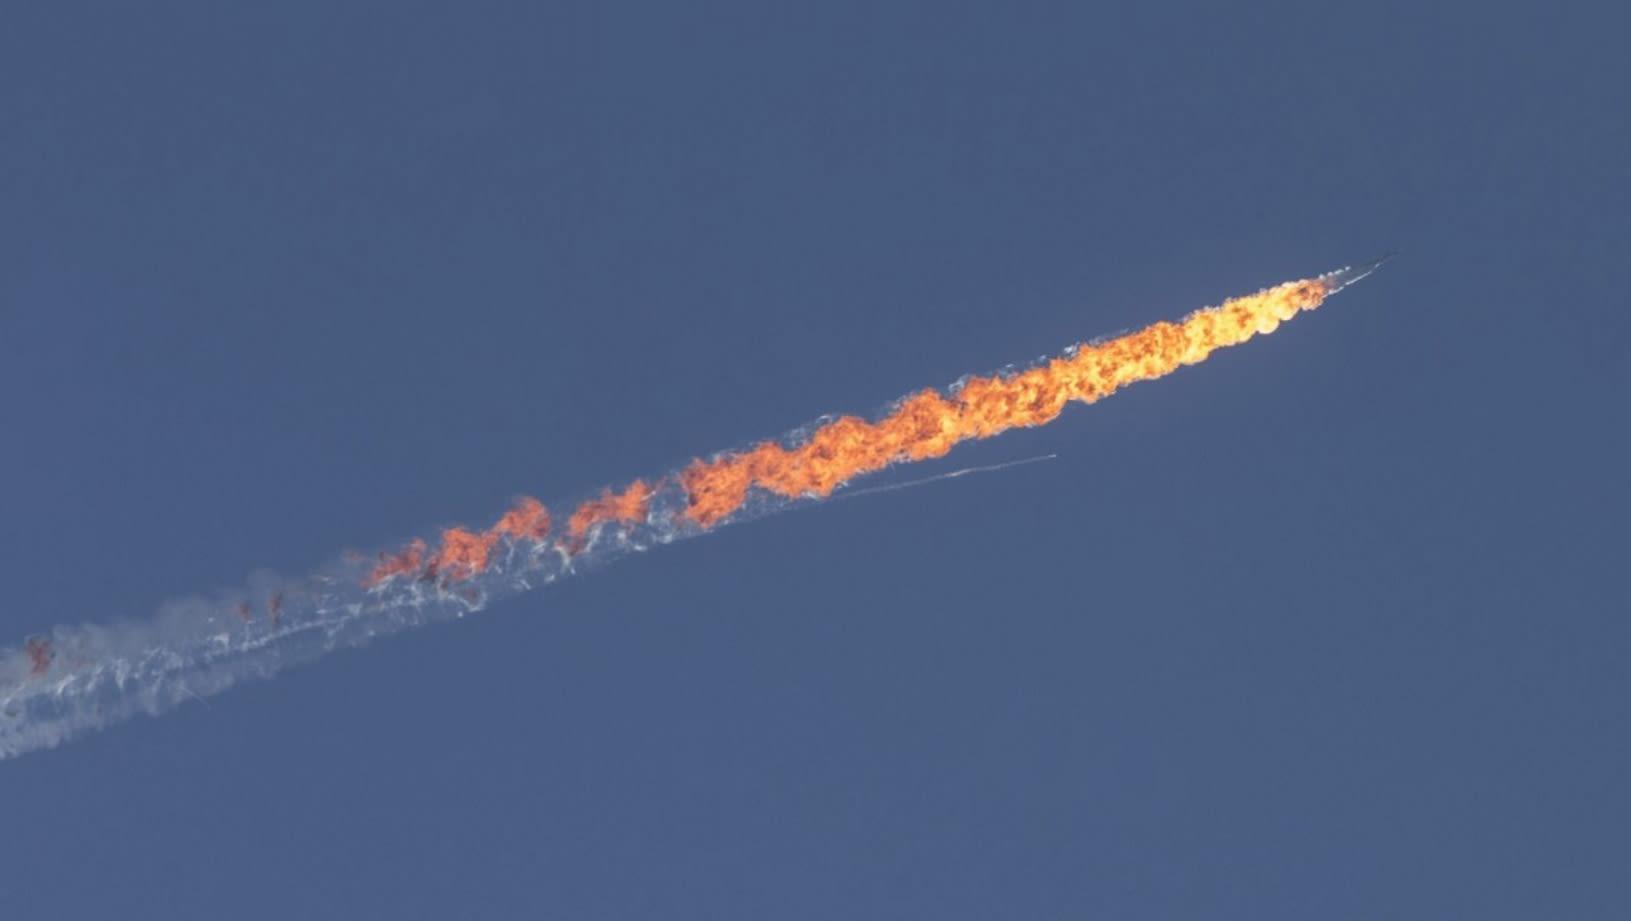 موسكو تُعلن مقتل عنصر بالبحرية الروسية خلال عملية إنقاذ طياري المقاتلة التي أسقطتها تركيا بسوريا